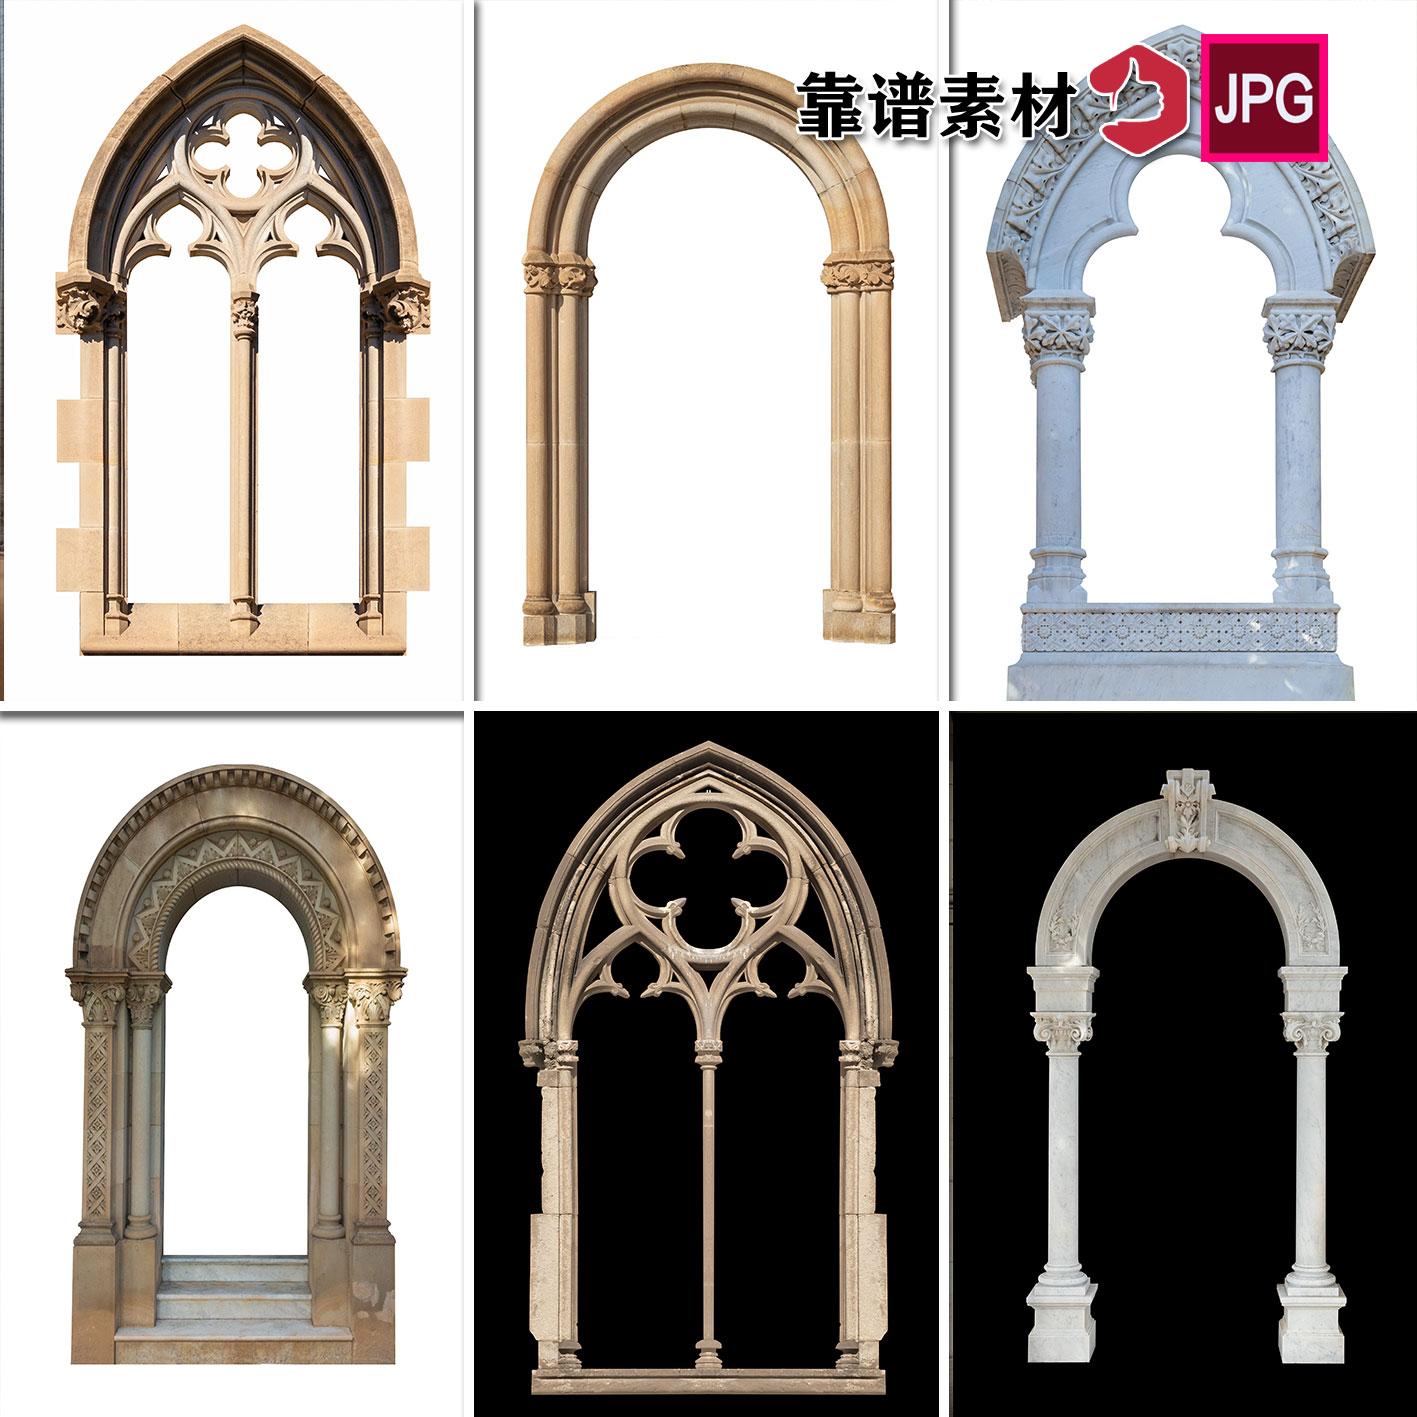 欧式浮雕罗马柱复古石拱门拱形建筑门洞背景图片设计素材